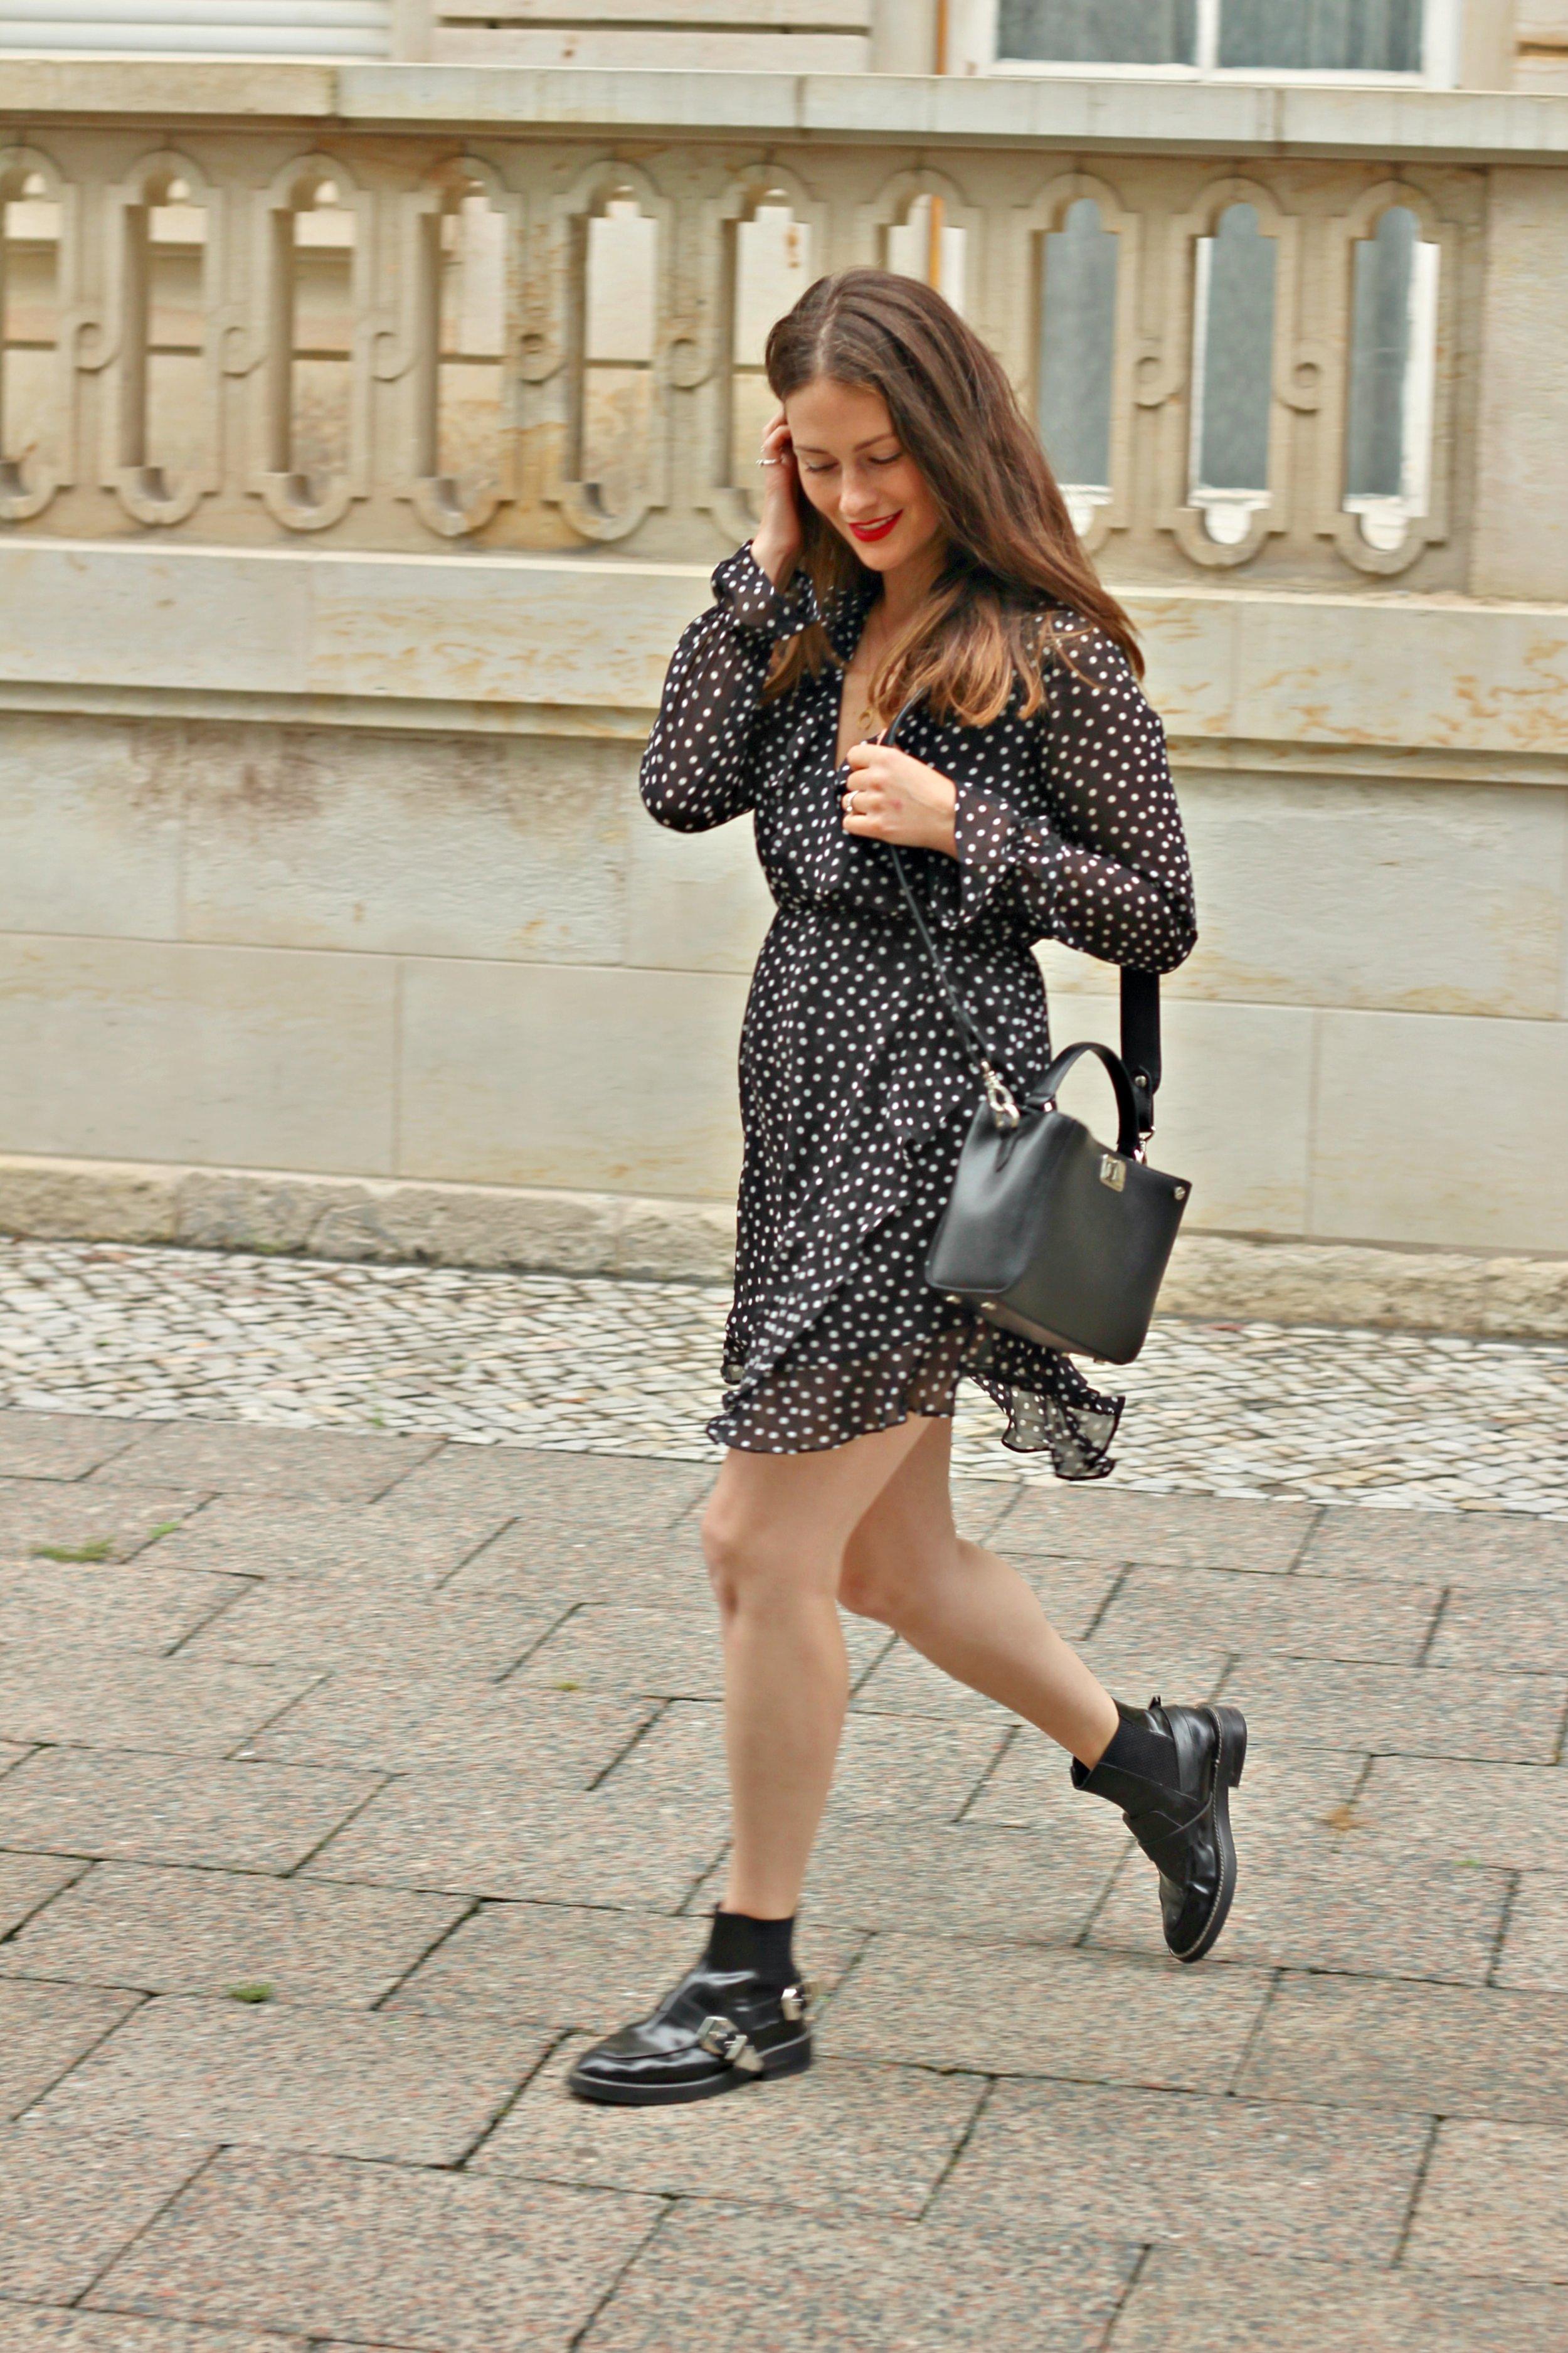 annaporter-wrap-dress-h&m-polka-dot-3